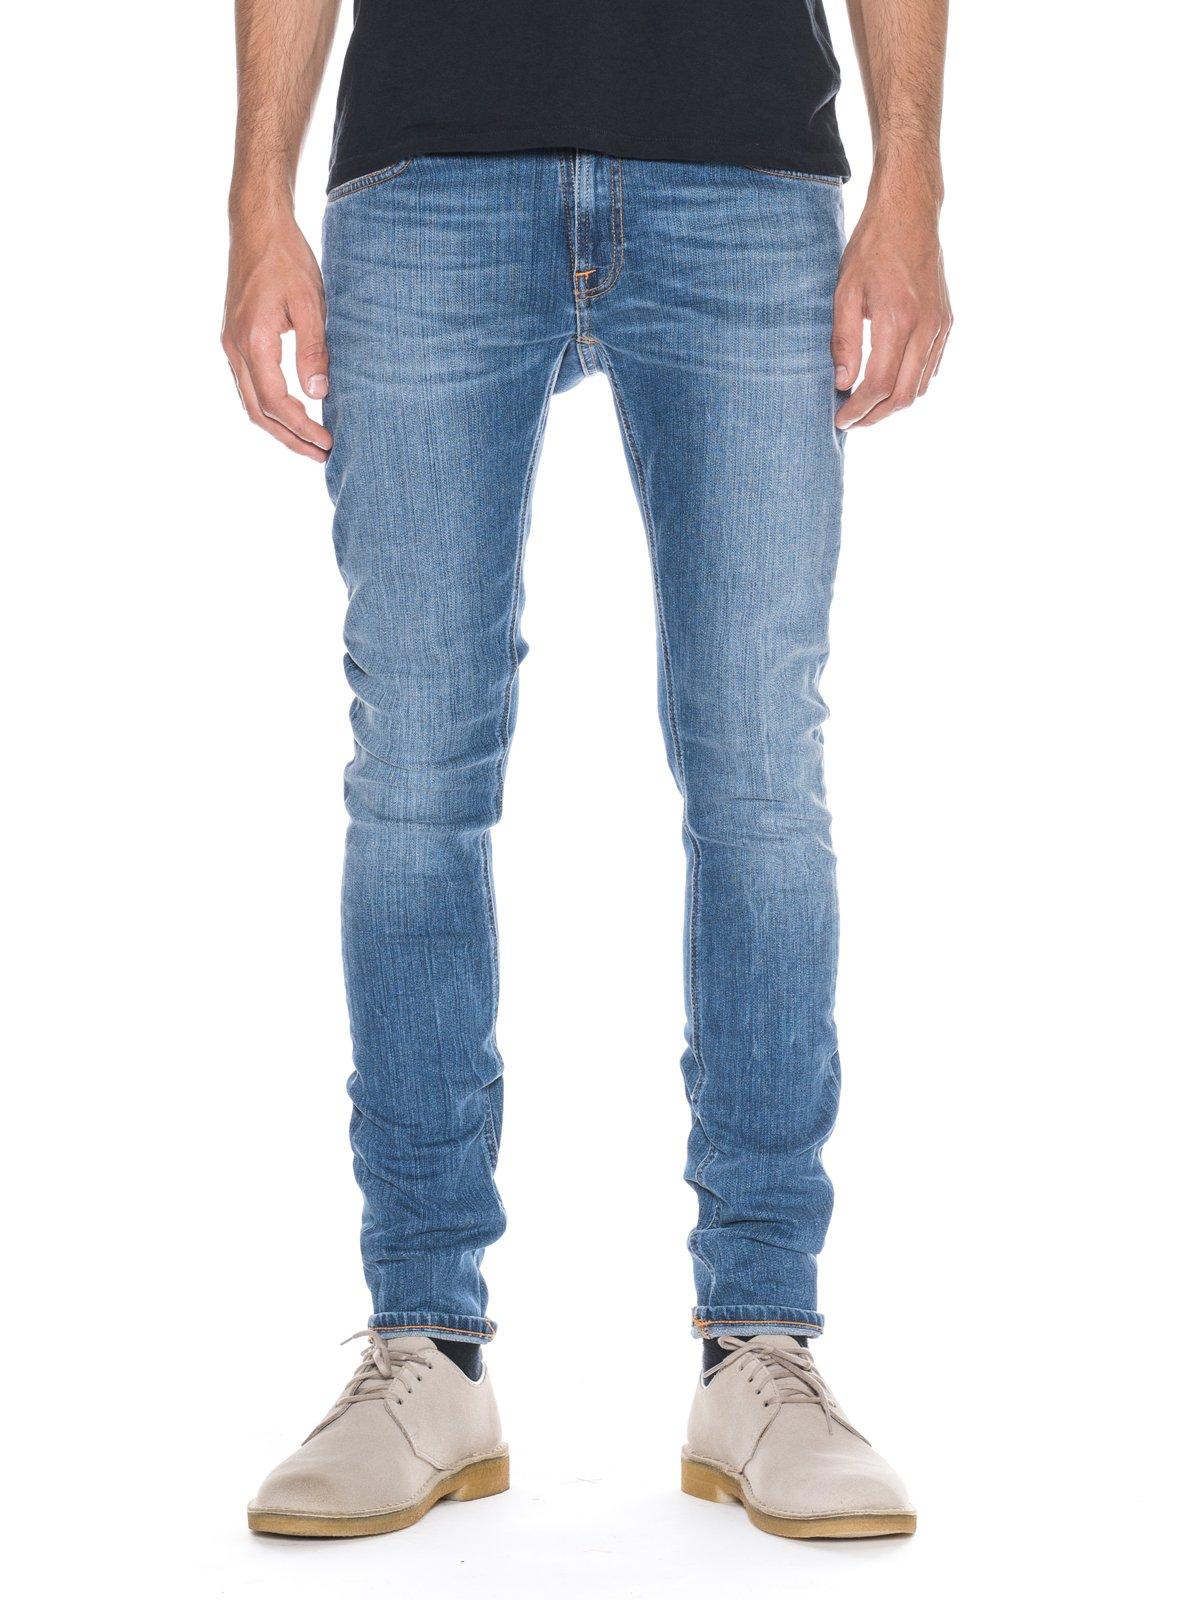 Sélection de produits en promotion - Ex: Jean Skinny Lin Indigo Legend (Nudie jeans)